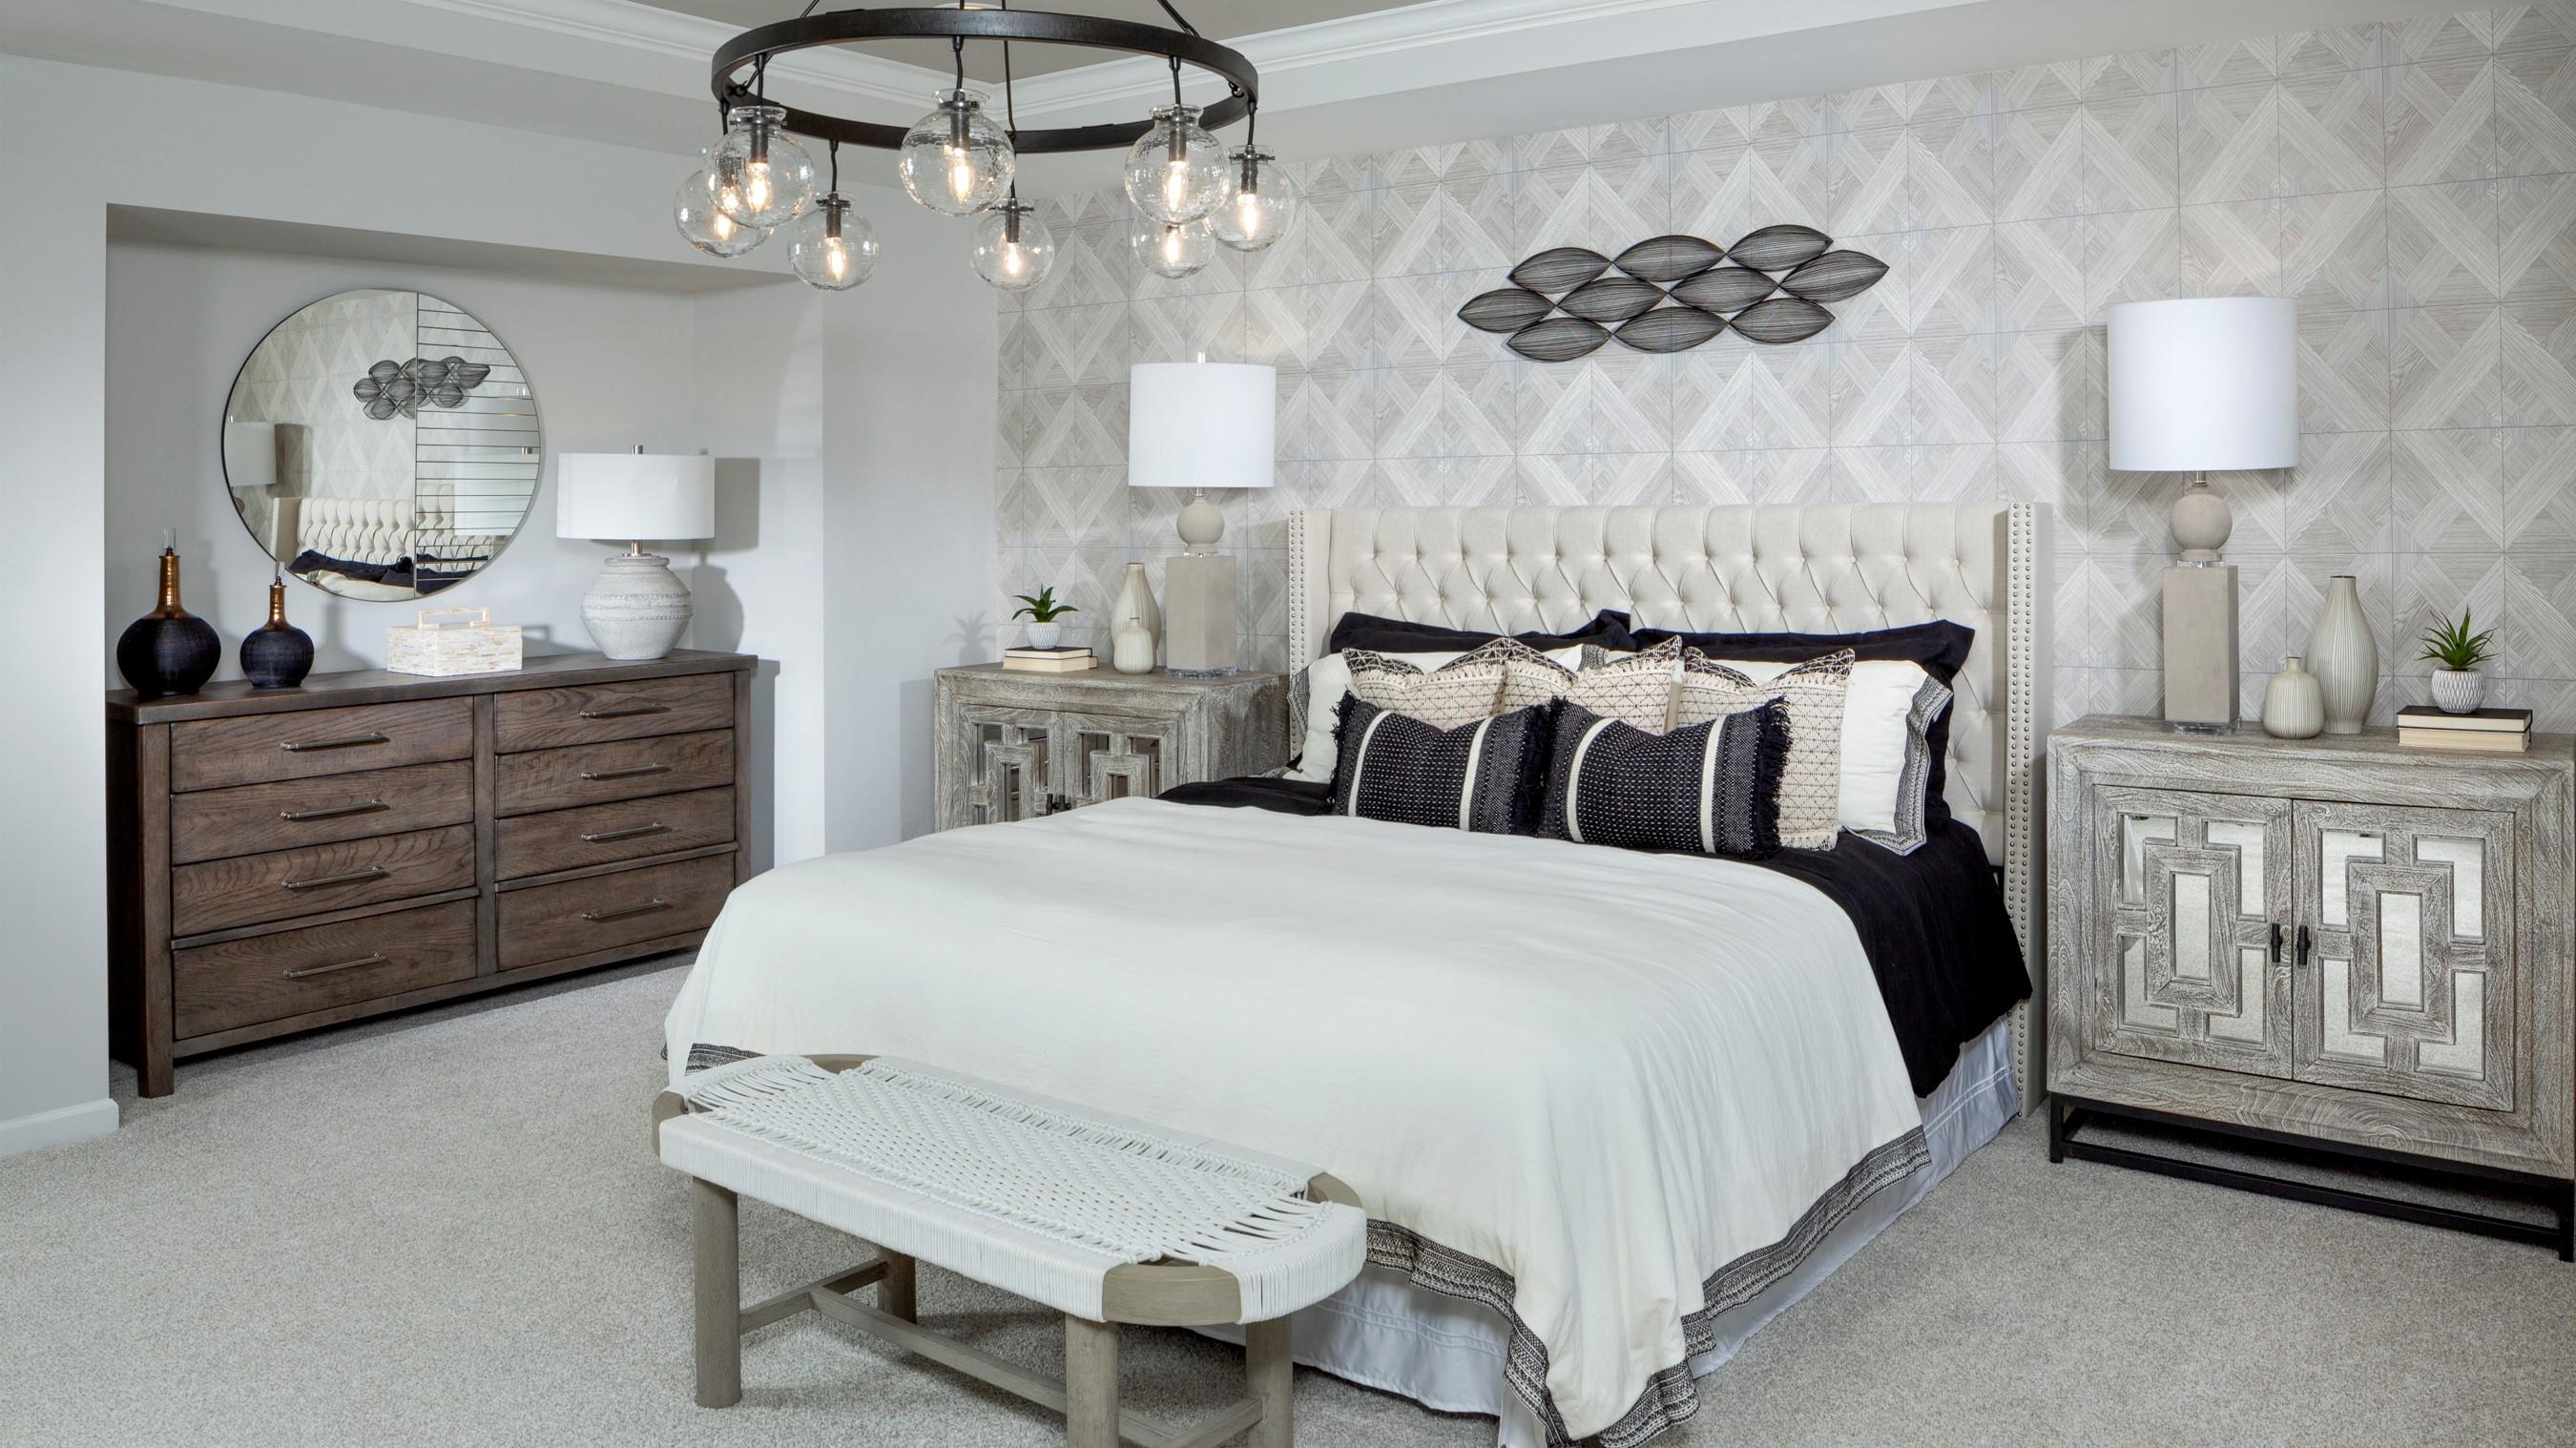 Braeburn_Parker_Model_Owners_Bedroom_RHP_1024x512.jpg